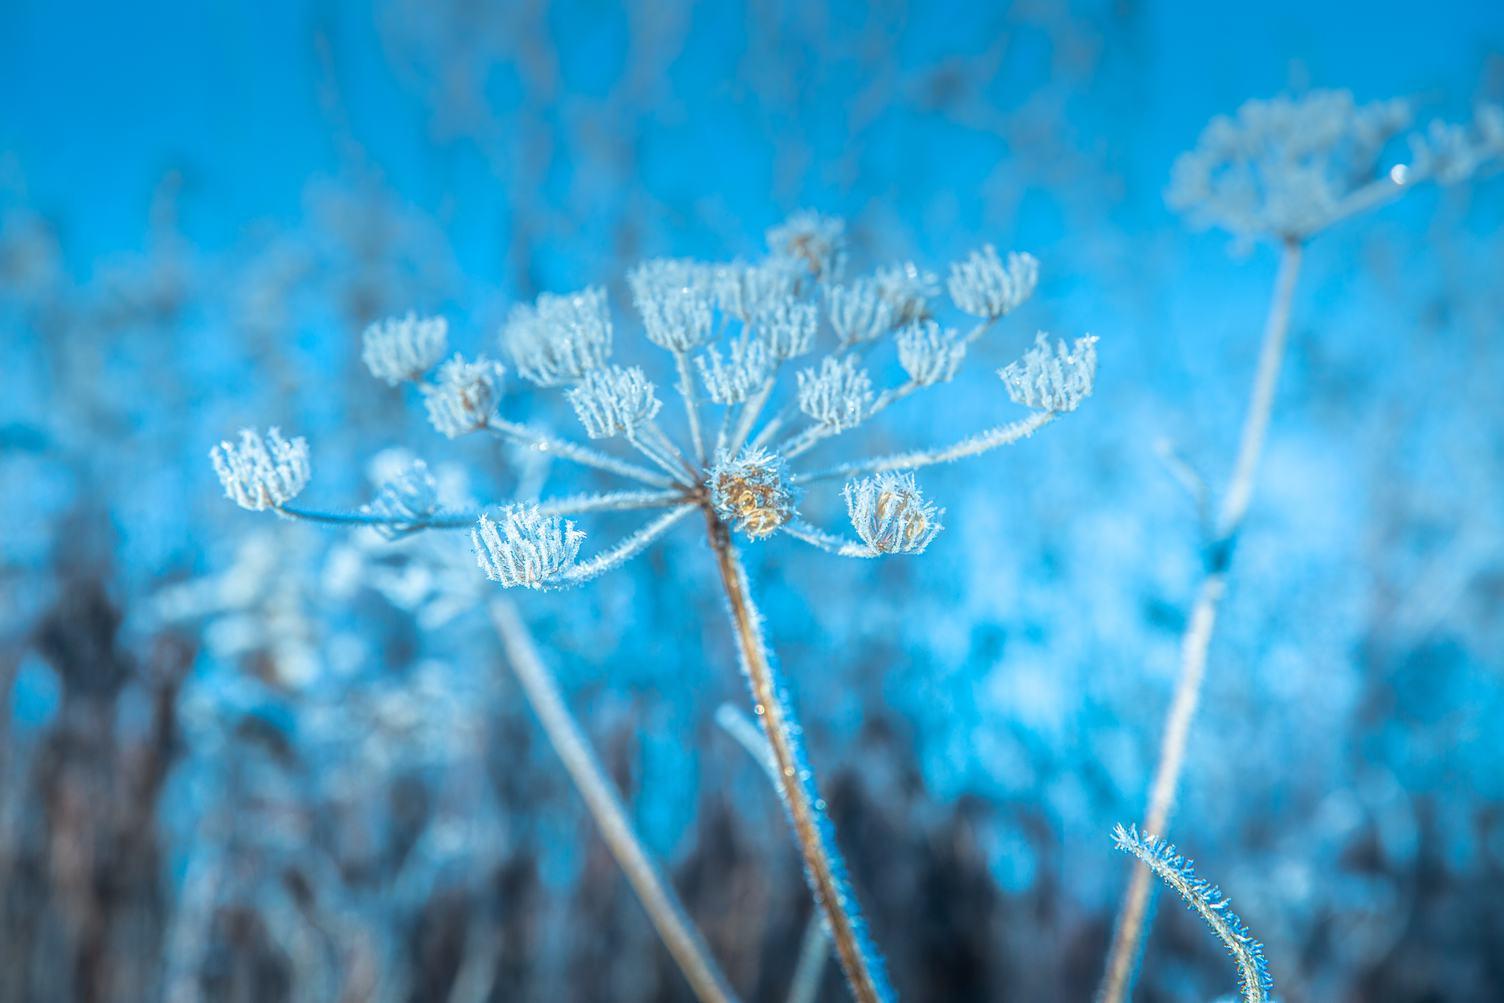 Frosty Plant on a Background of Blue Sky